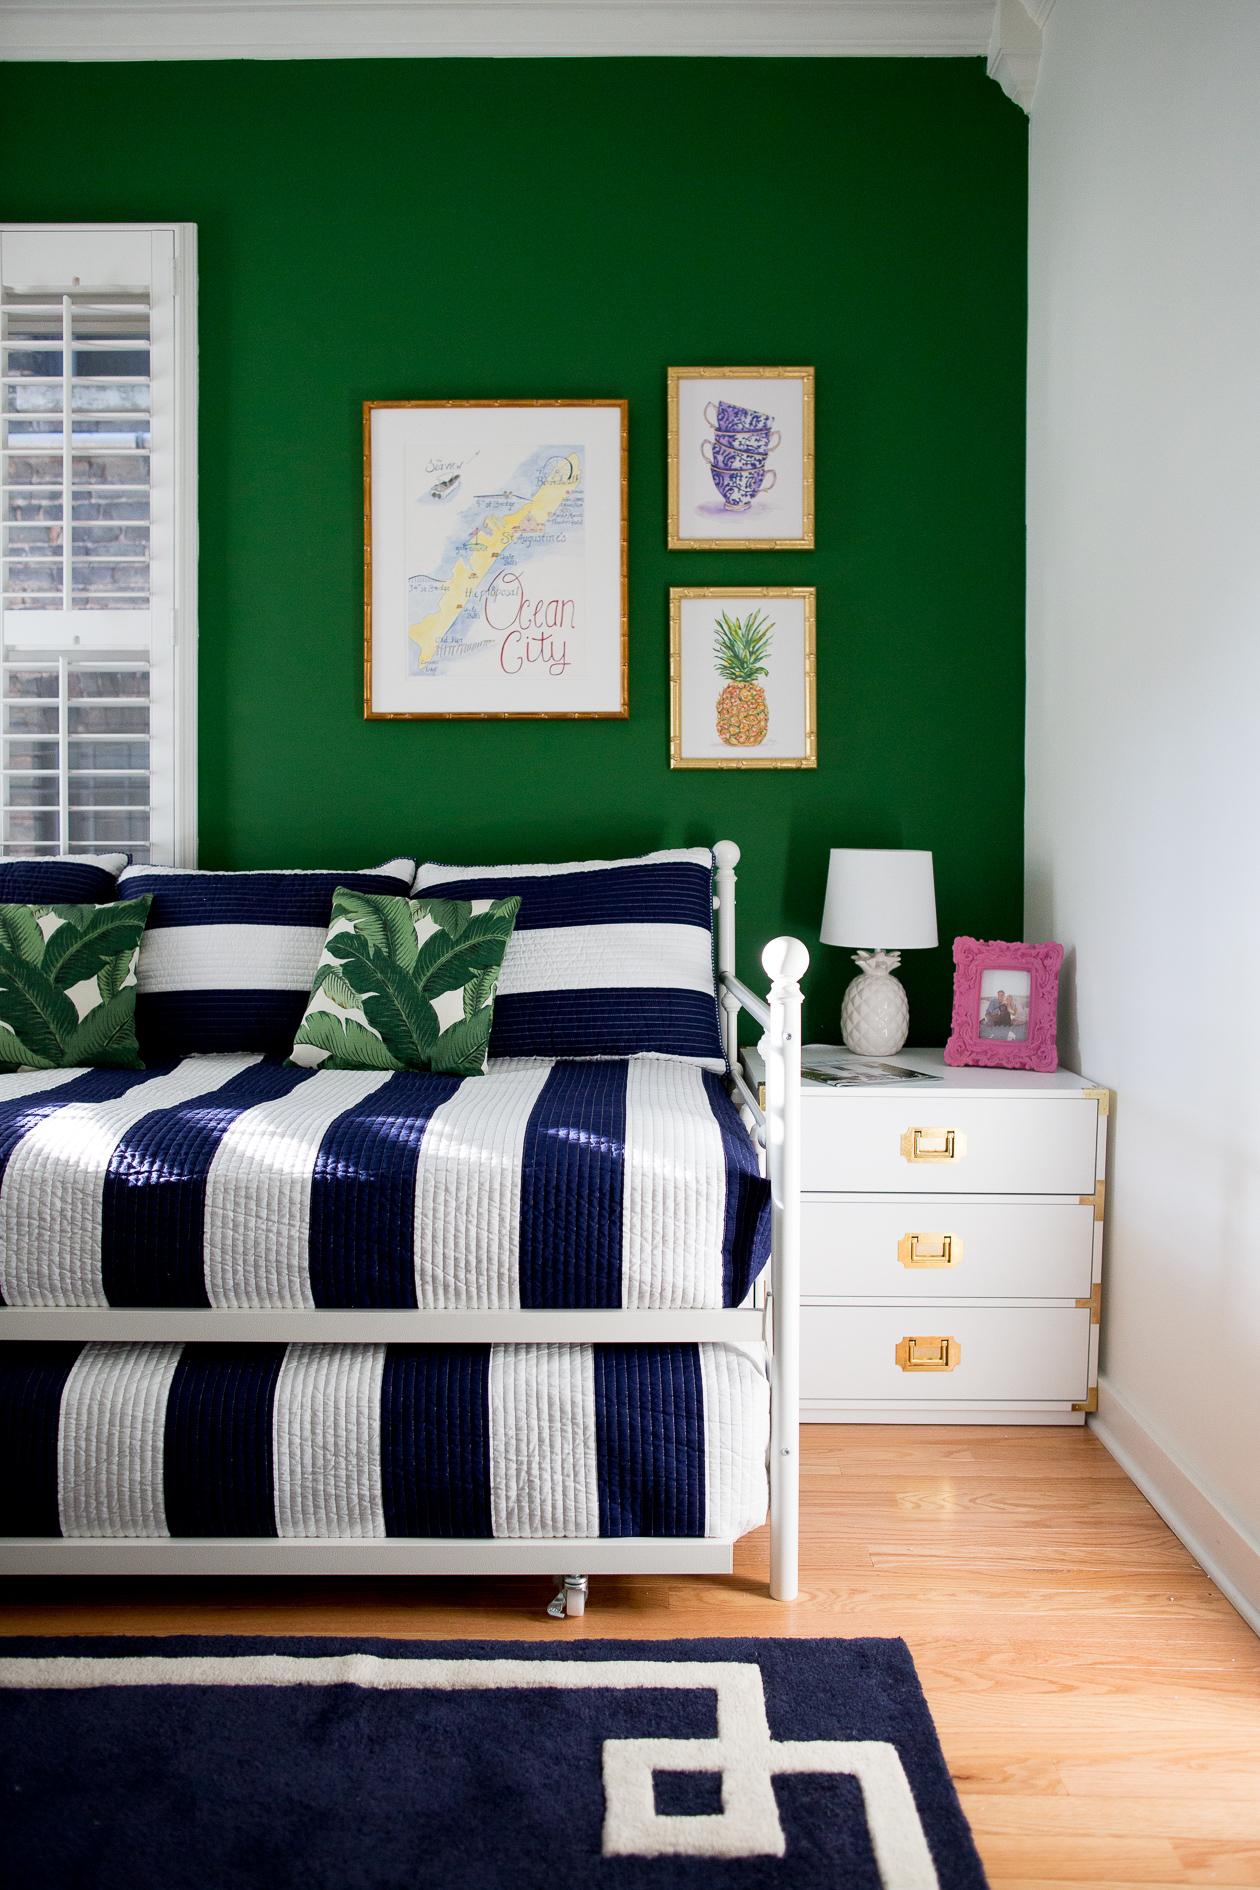 Preppy-green-walls-gold-frames-29 (1).jpg